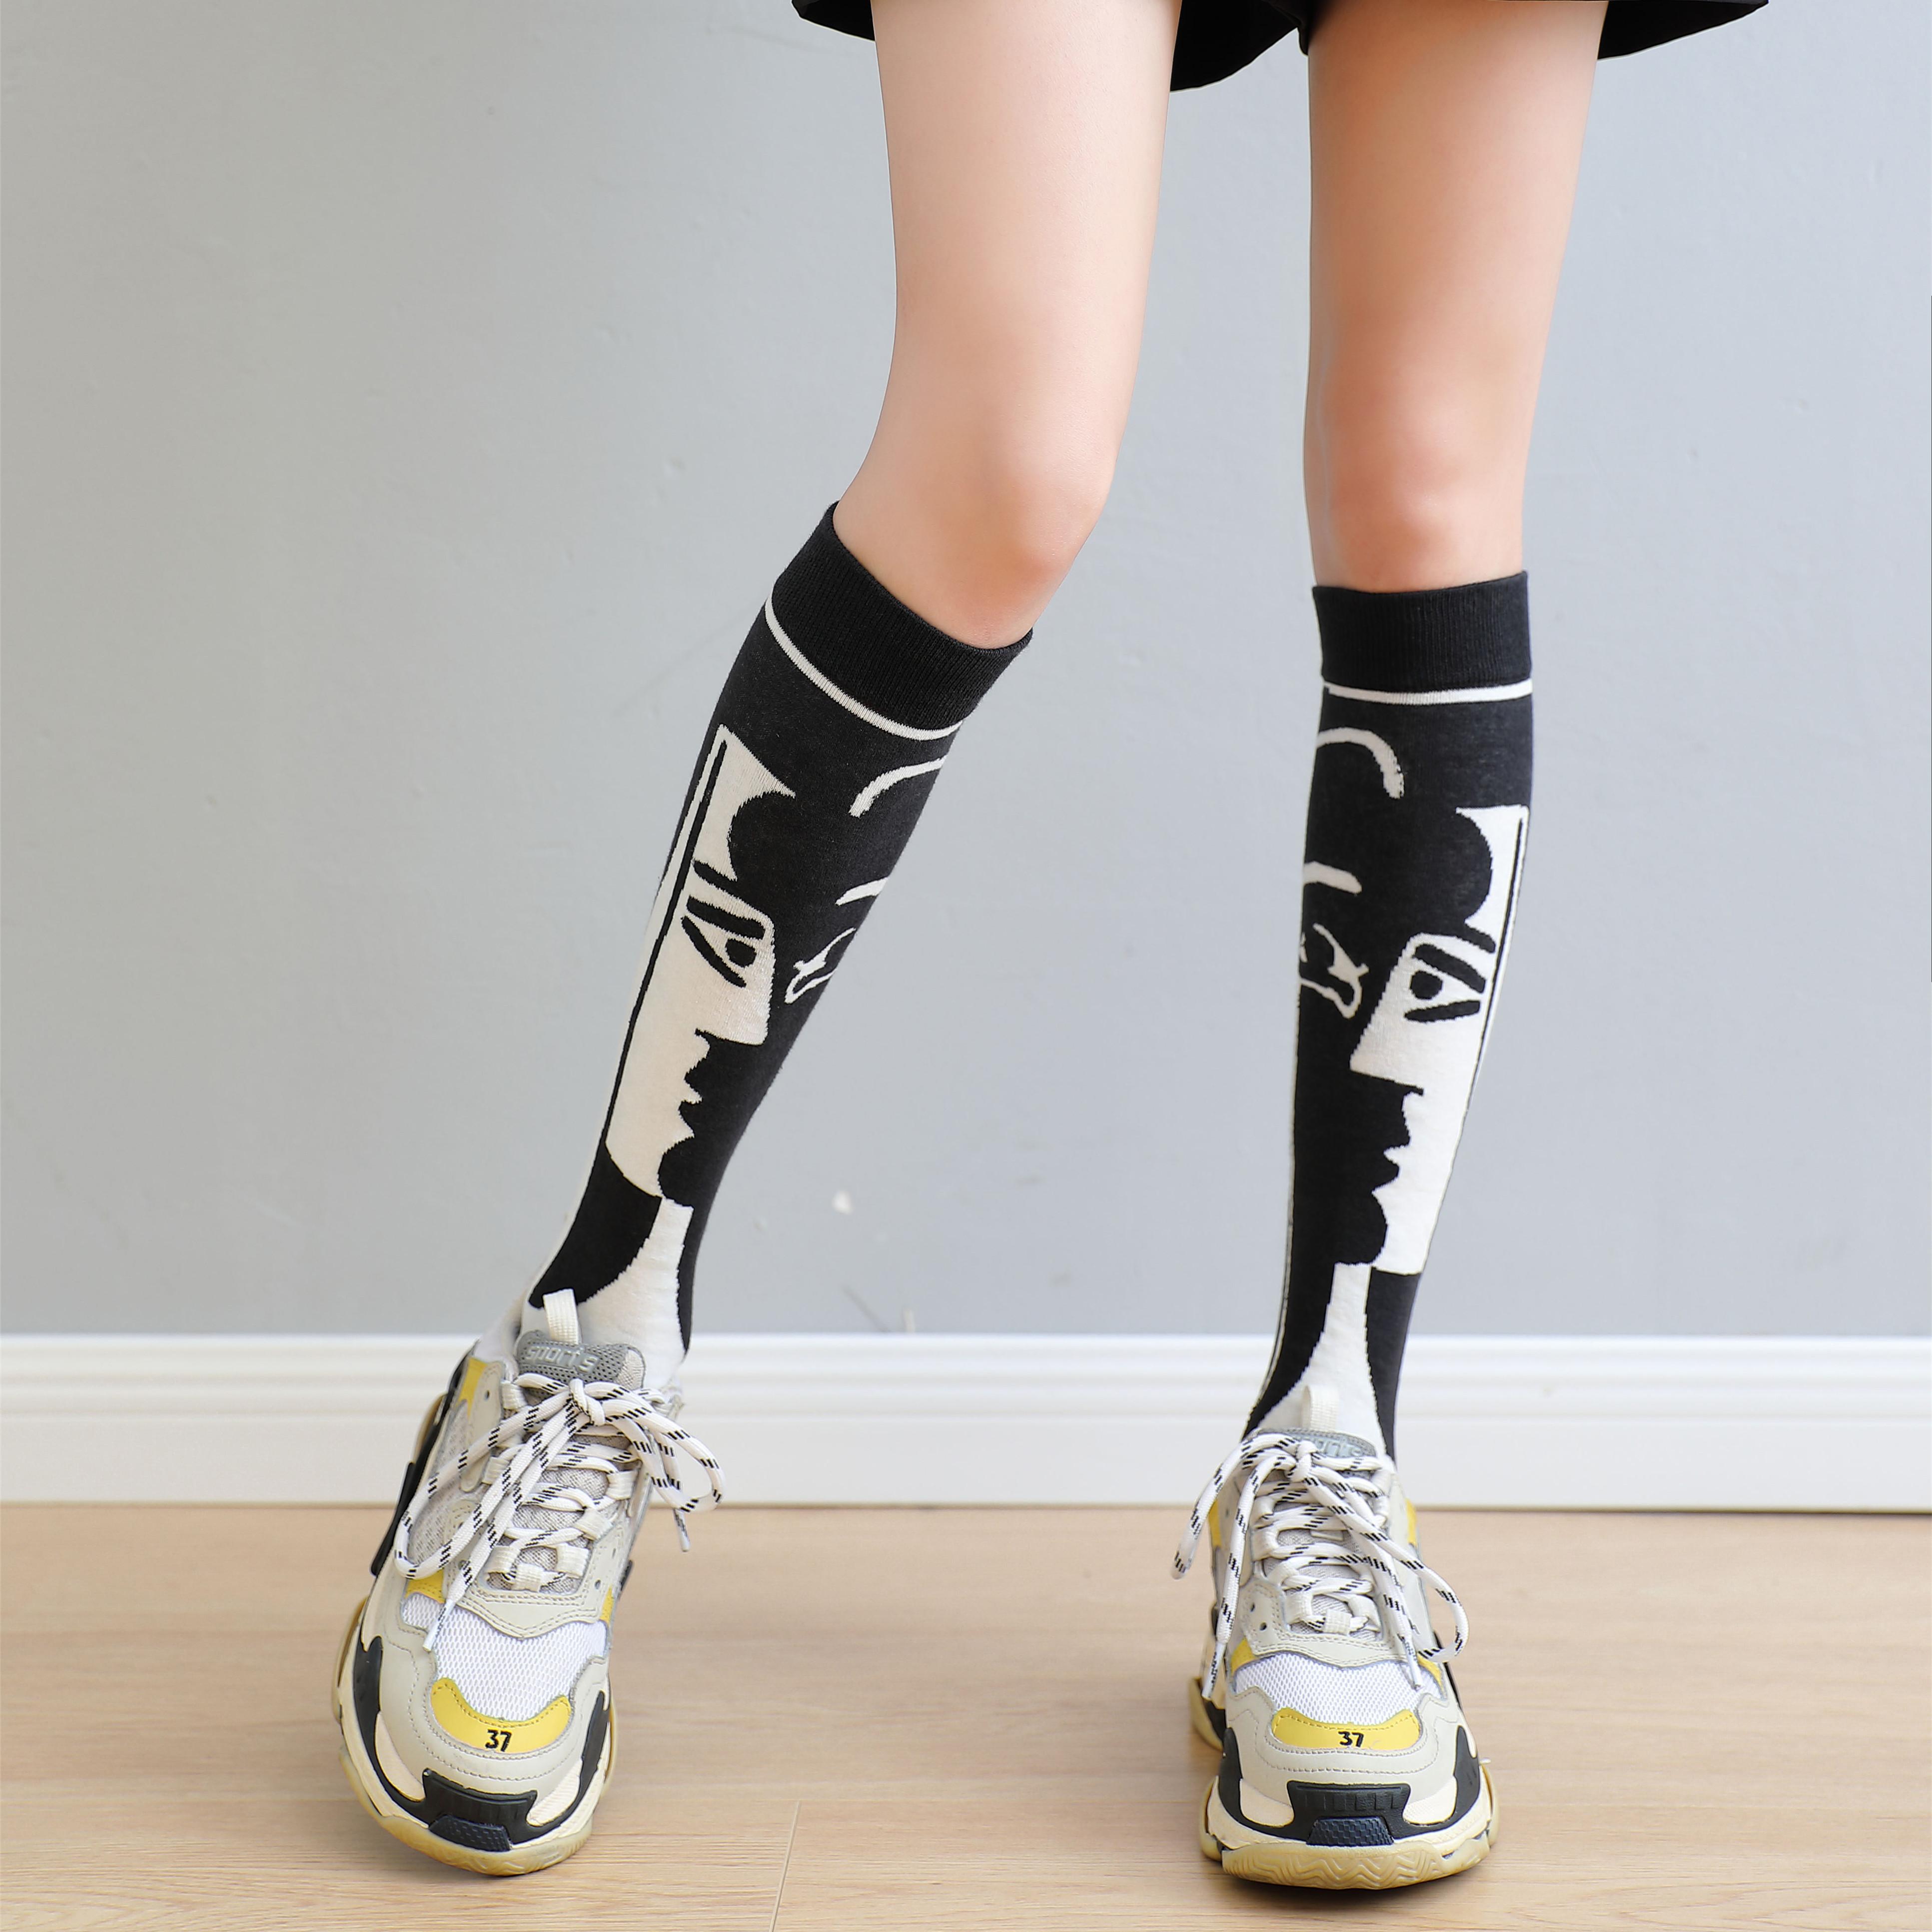 春款女士中筒袜头像图案个性ins潮袜日系长筒袜及膝袜秋冬小腿袜